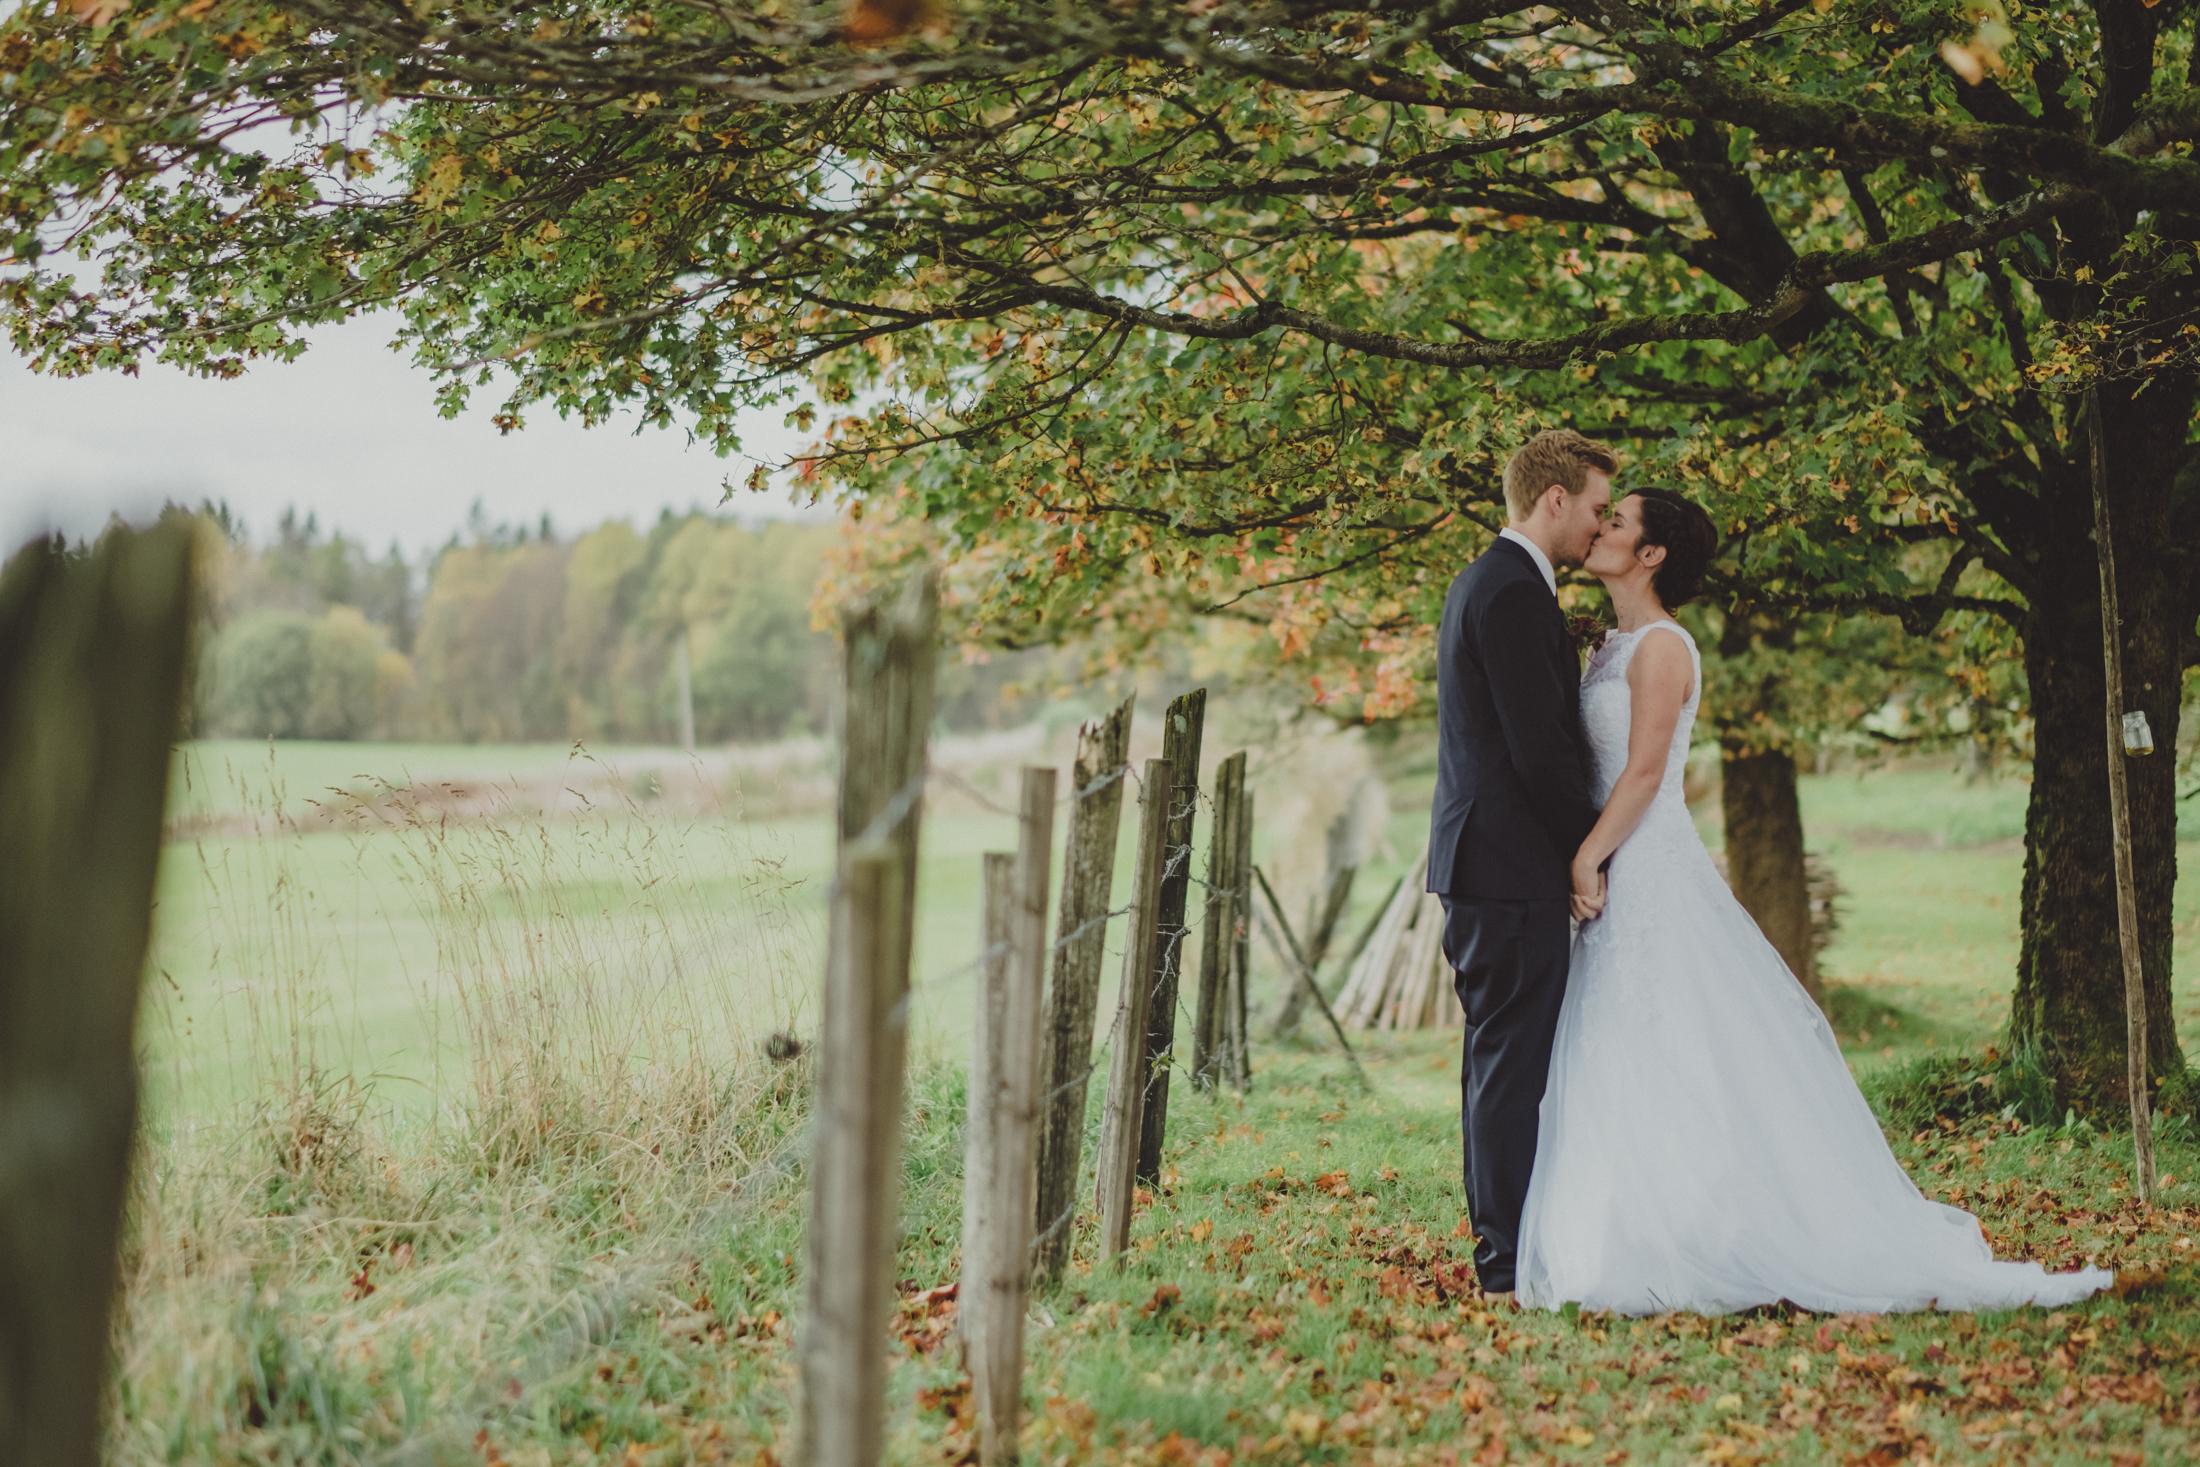 bröllopsfoto-fotograf-max-norin-44.jpg